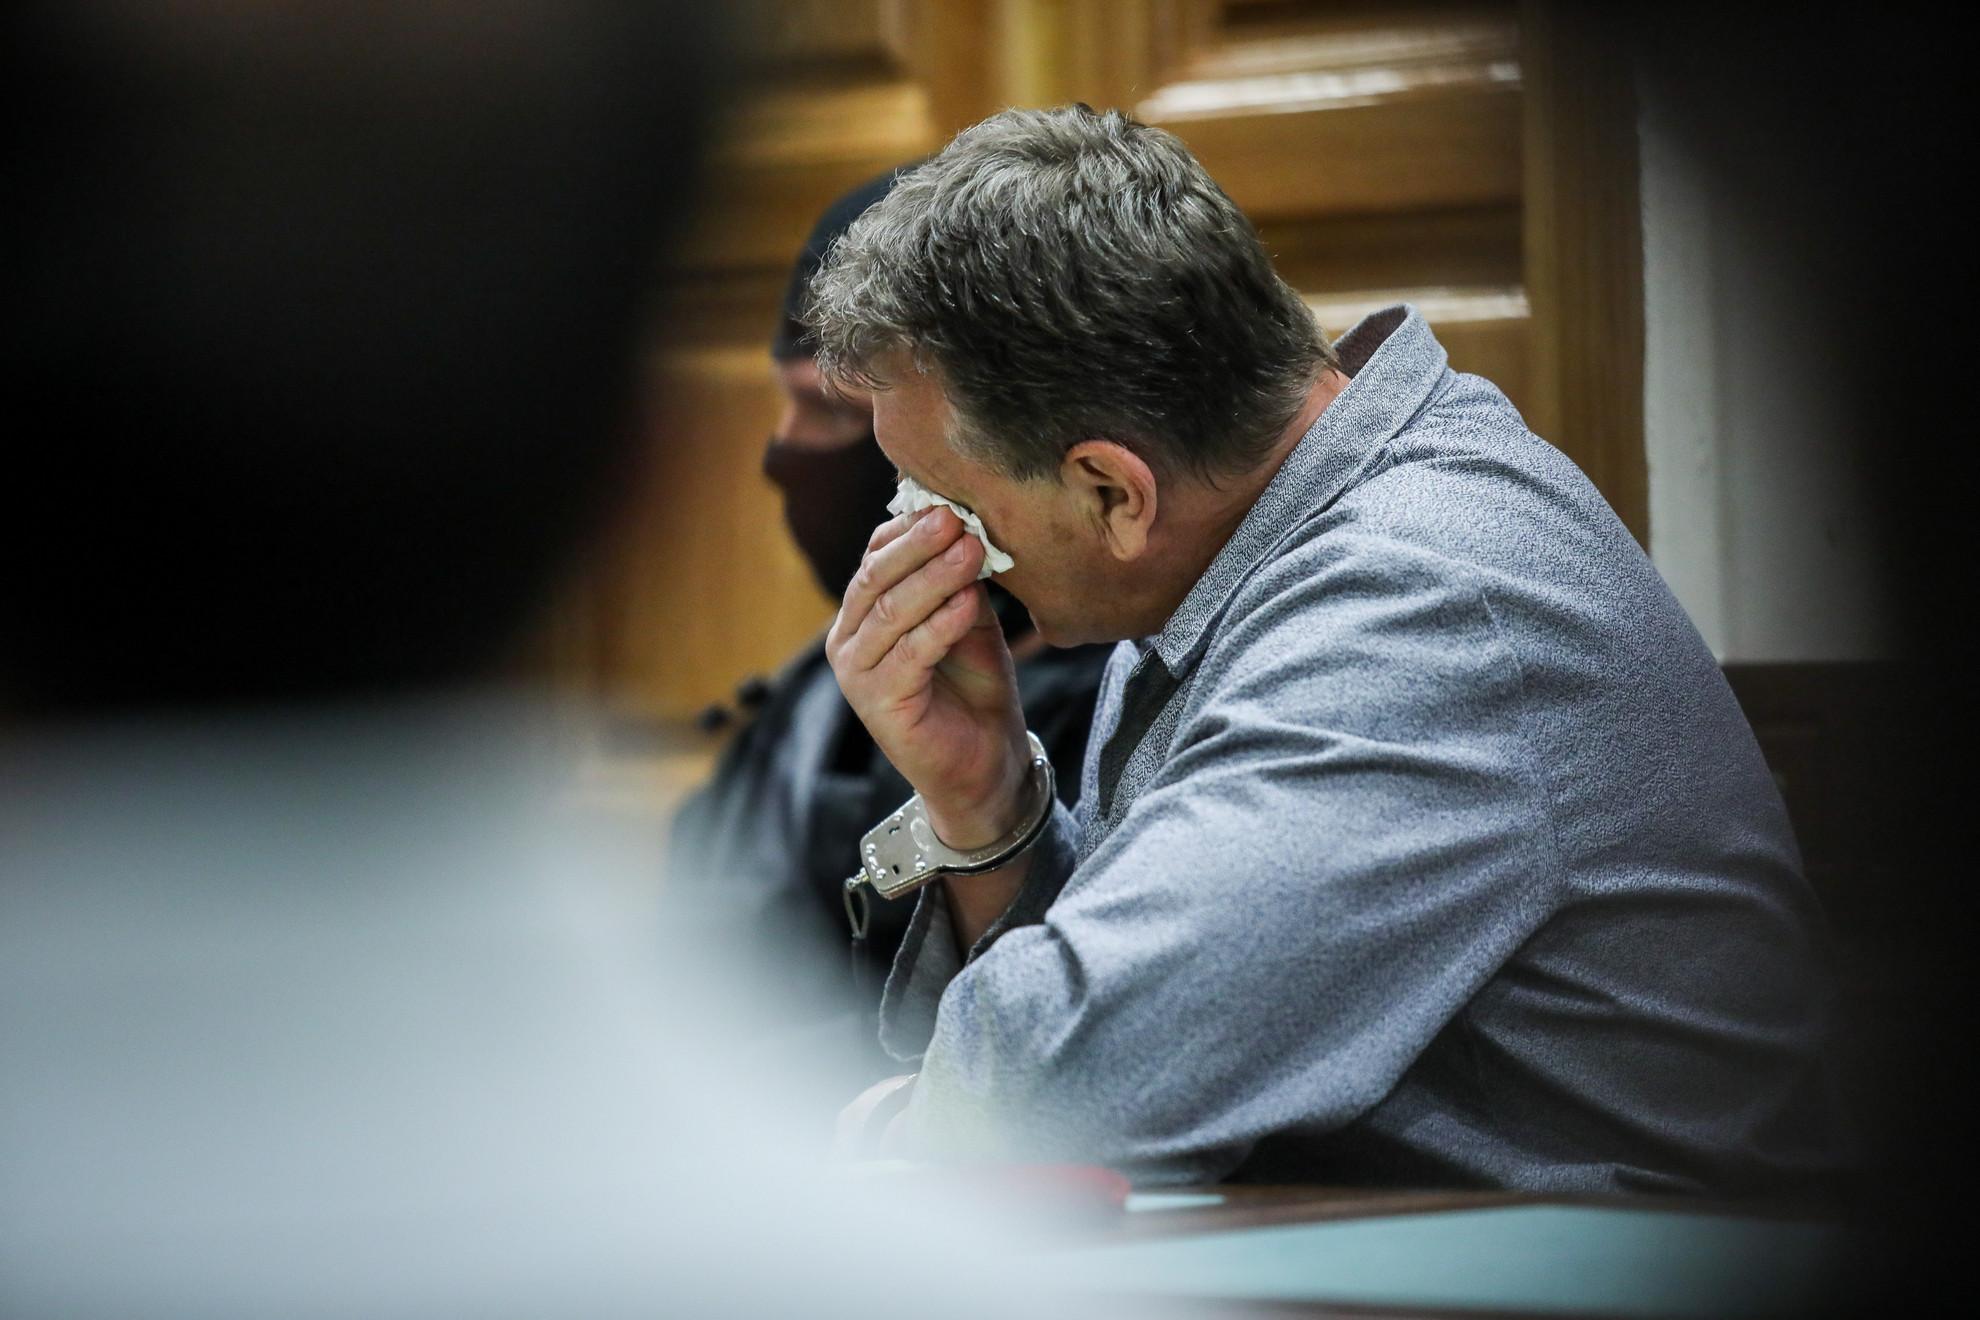 Fazekas Ferenc sírva kérte a bíróságot, hogy függesszék fel büntetését